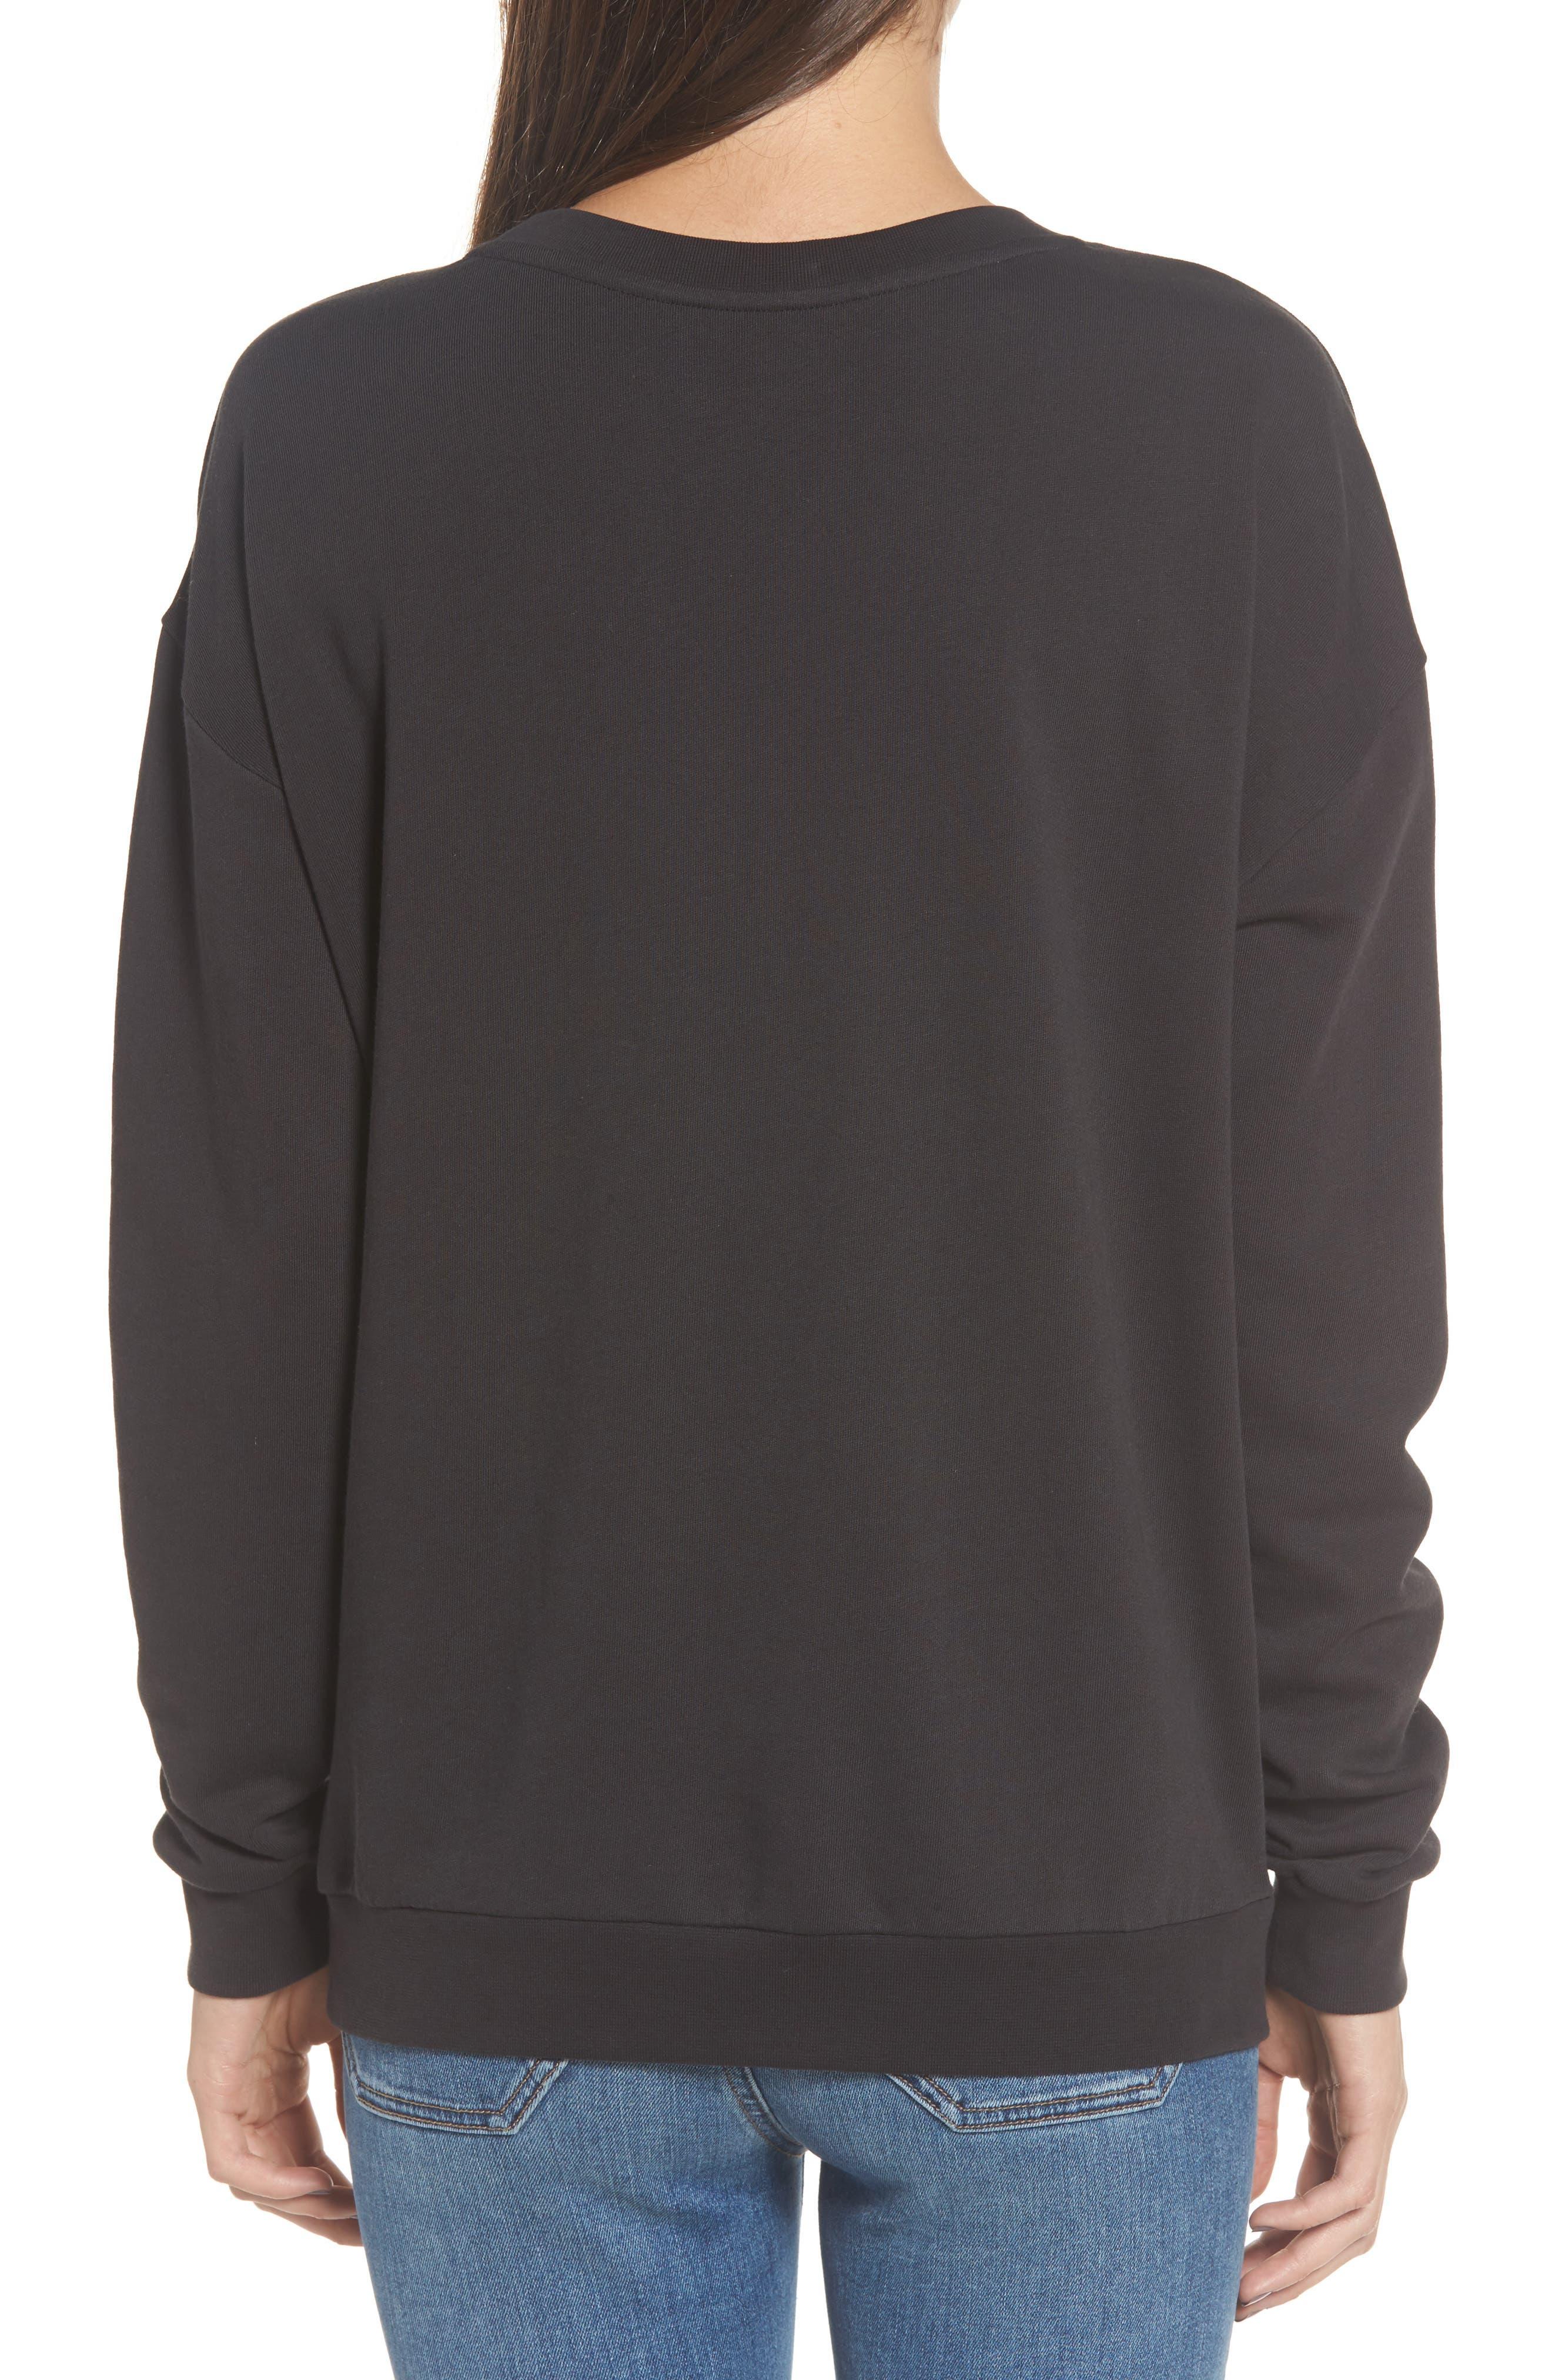 Bisous Sweatshirt,                             Alternate thumbnail 2, color,                             001